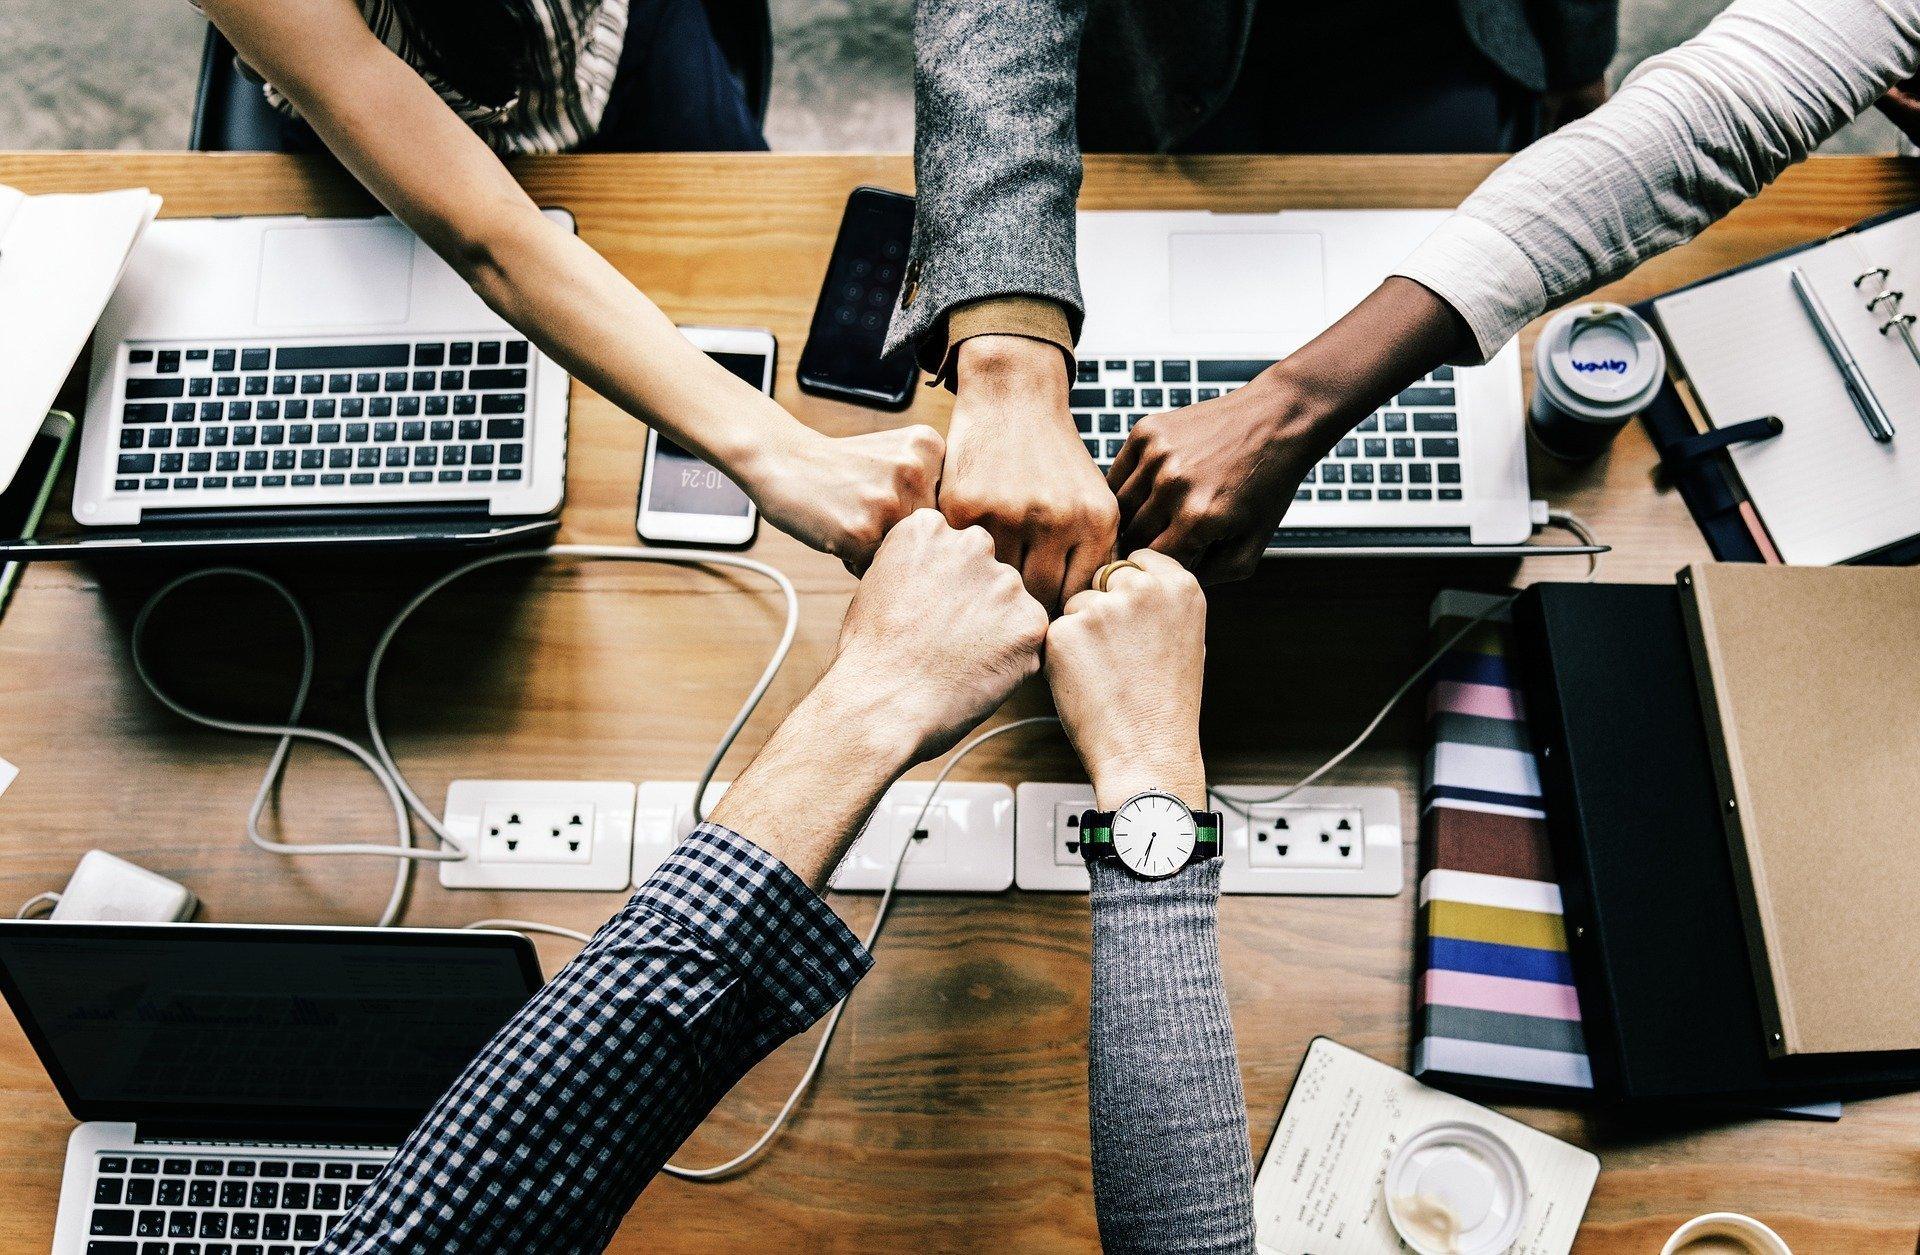 Cinco formas de motivar a tu equipo de trabajo - AdsPro